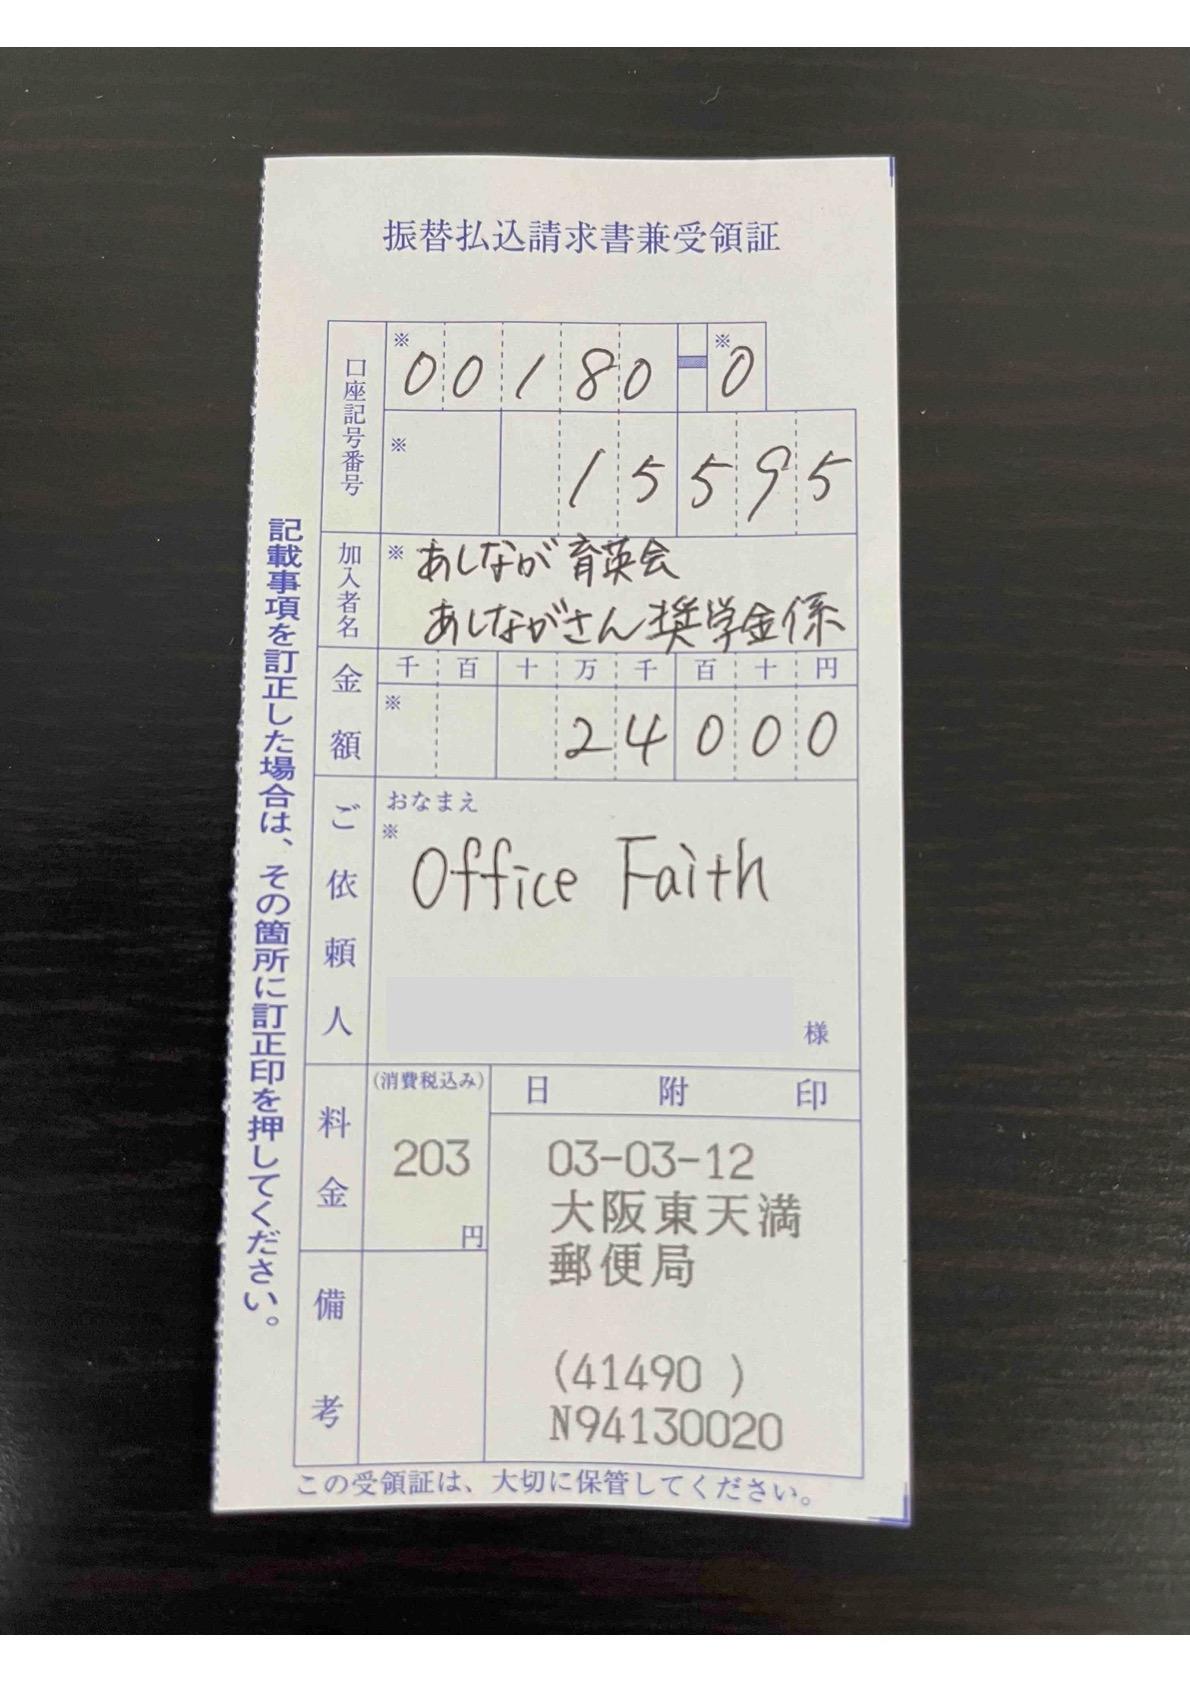 フェイスゴスペル大阪公演の際のあしなが育英会への寄付送金票